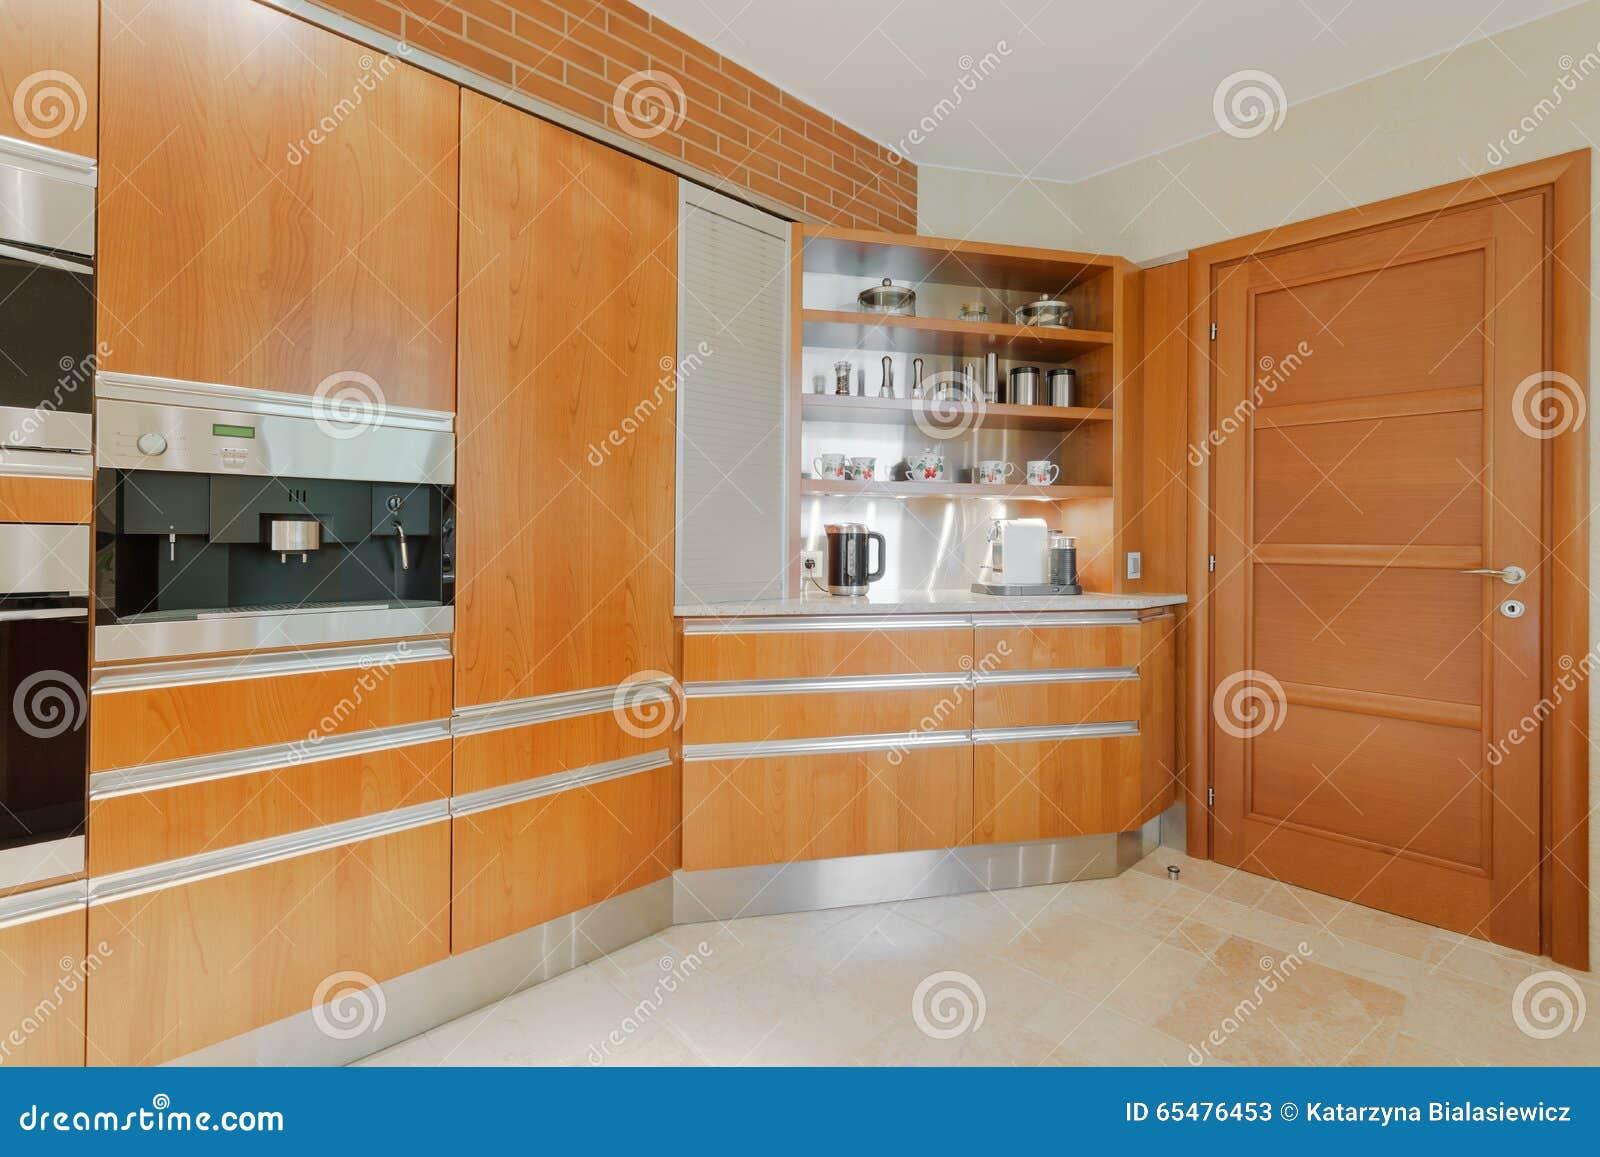 Moderne Keuken In Hout Stock Foto - Afbeelding: 65476453